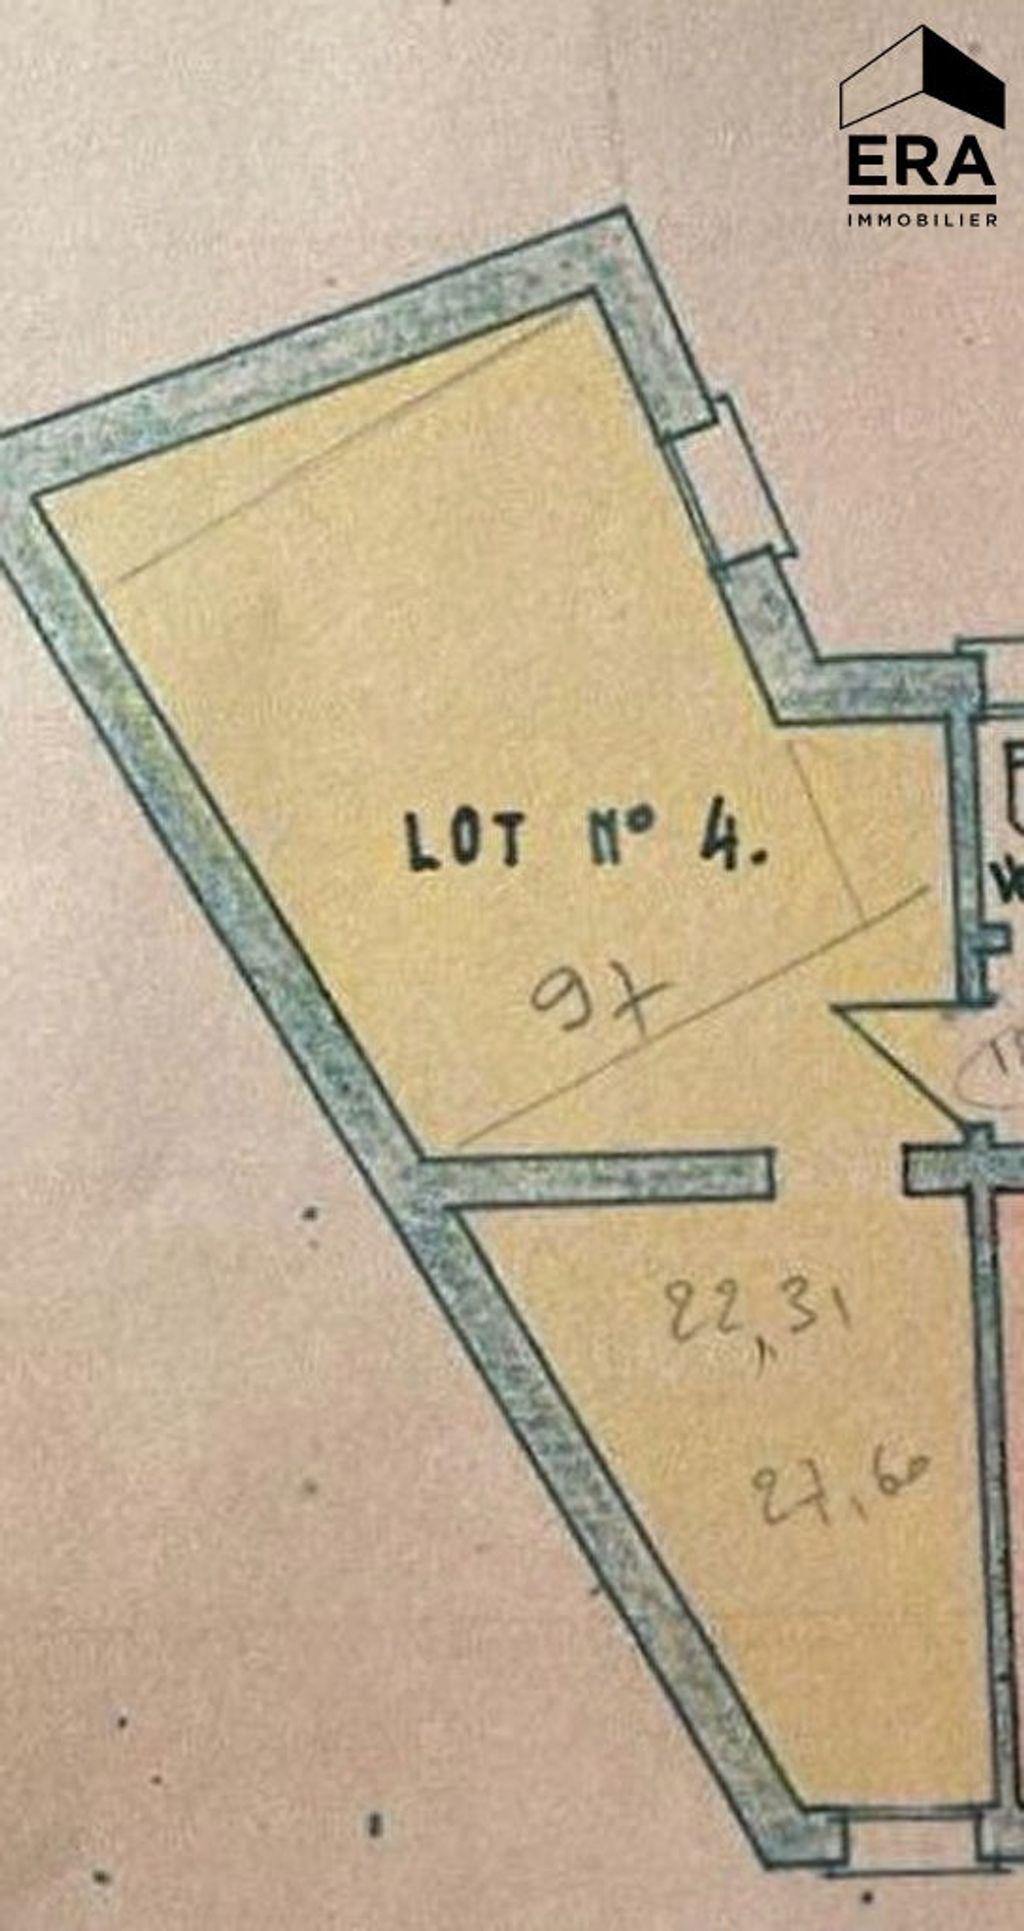 Achat appartement 2pièces 32m² - Paris 13ème arrondissement